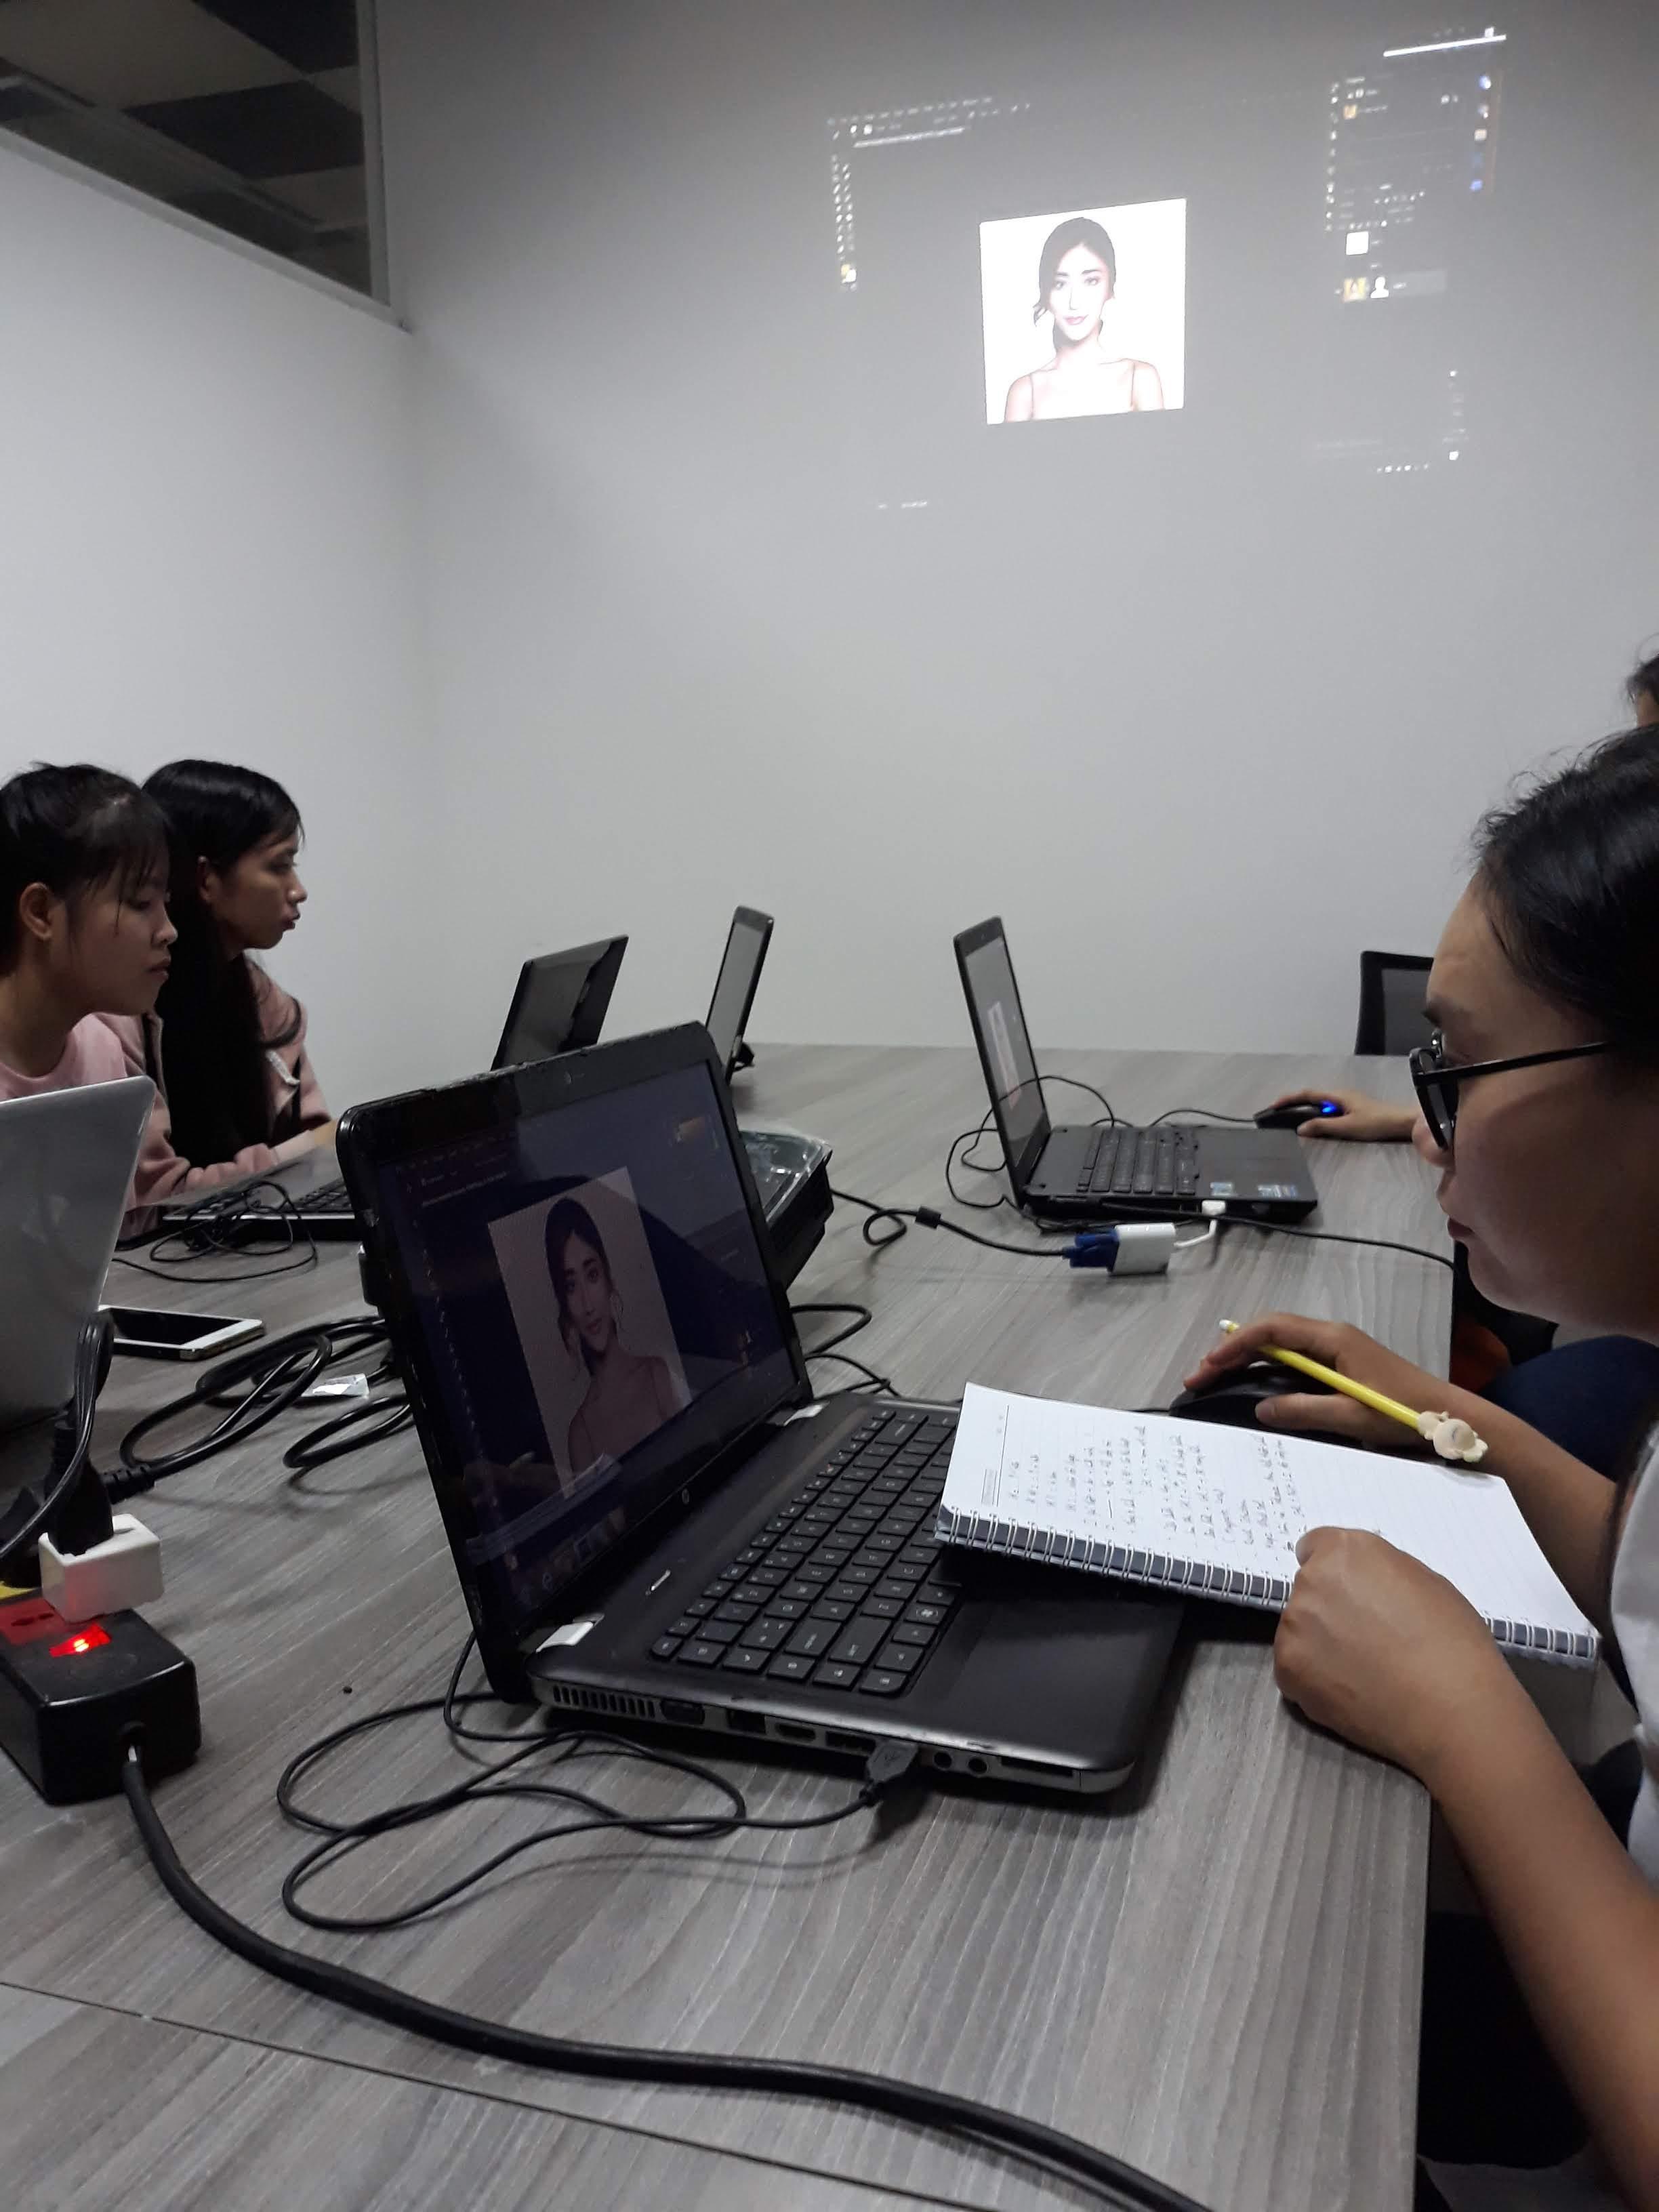 Toidayhoc space cho thuê phòng dạy học